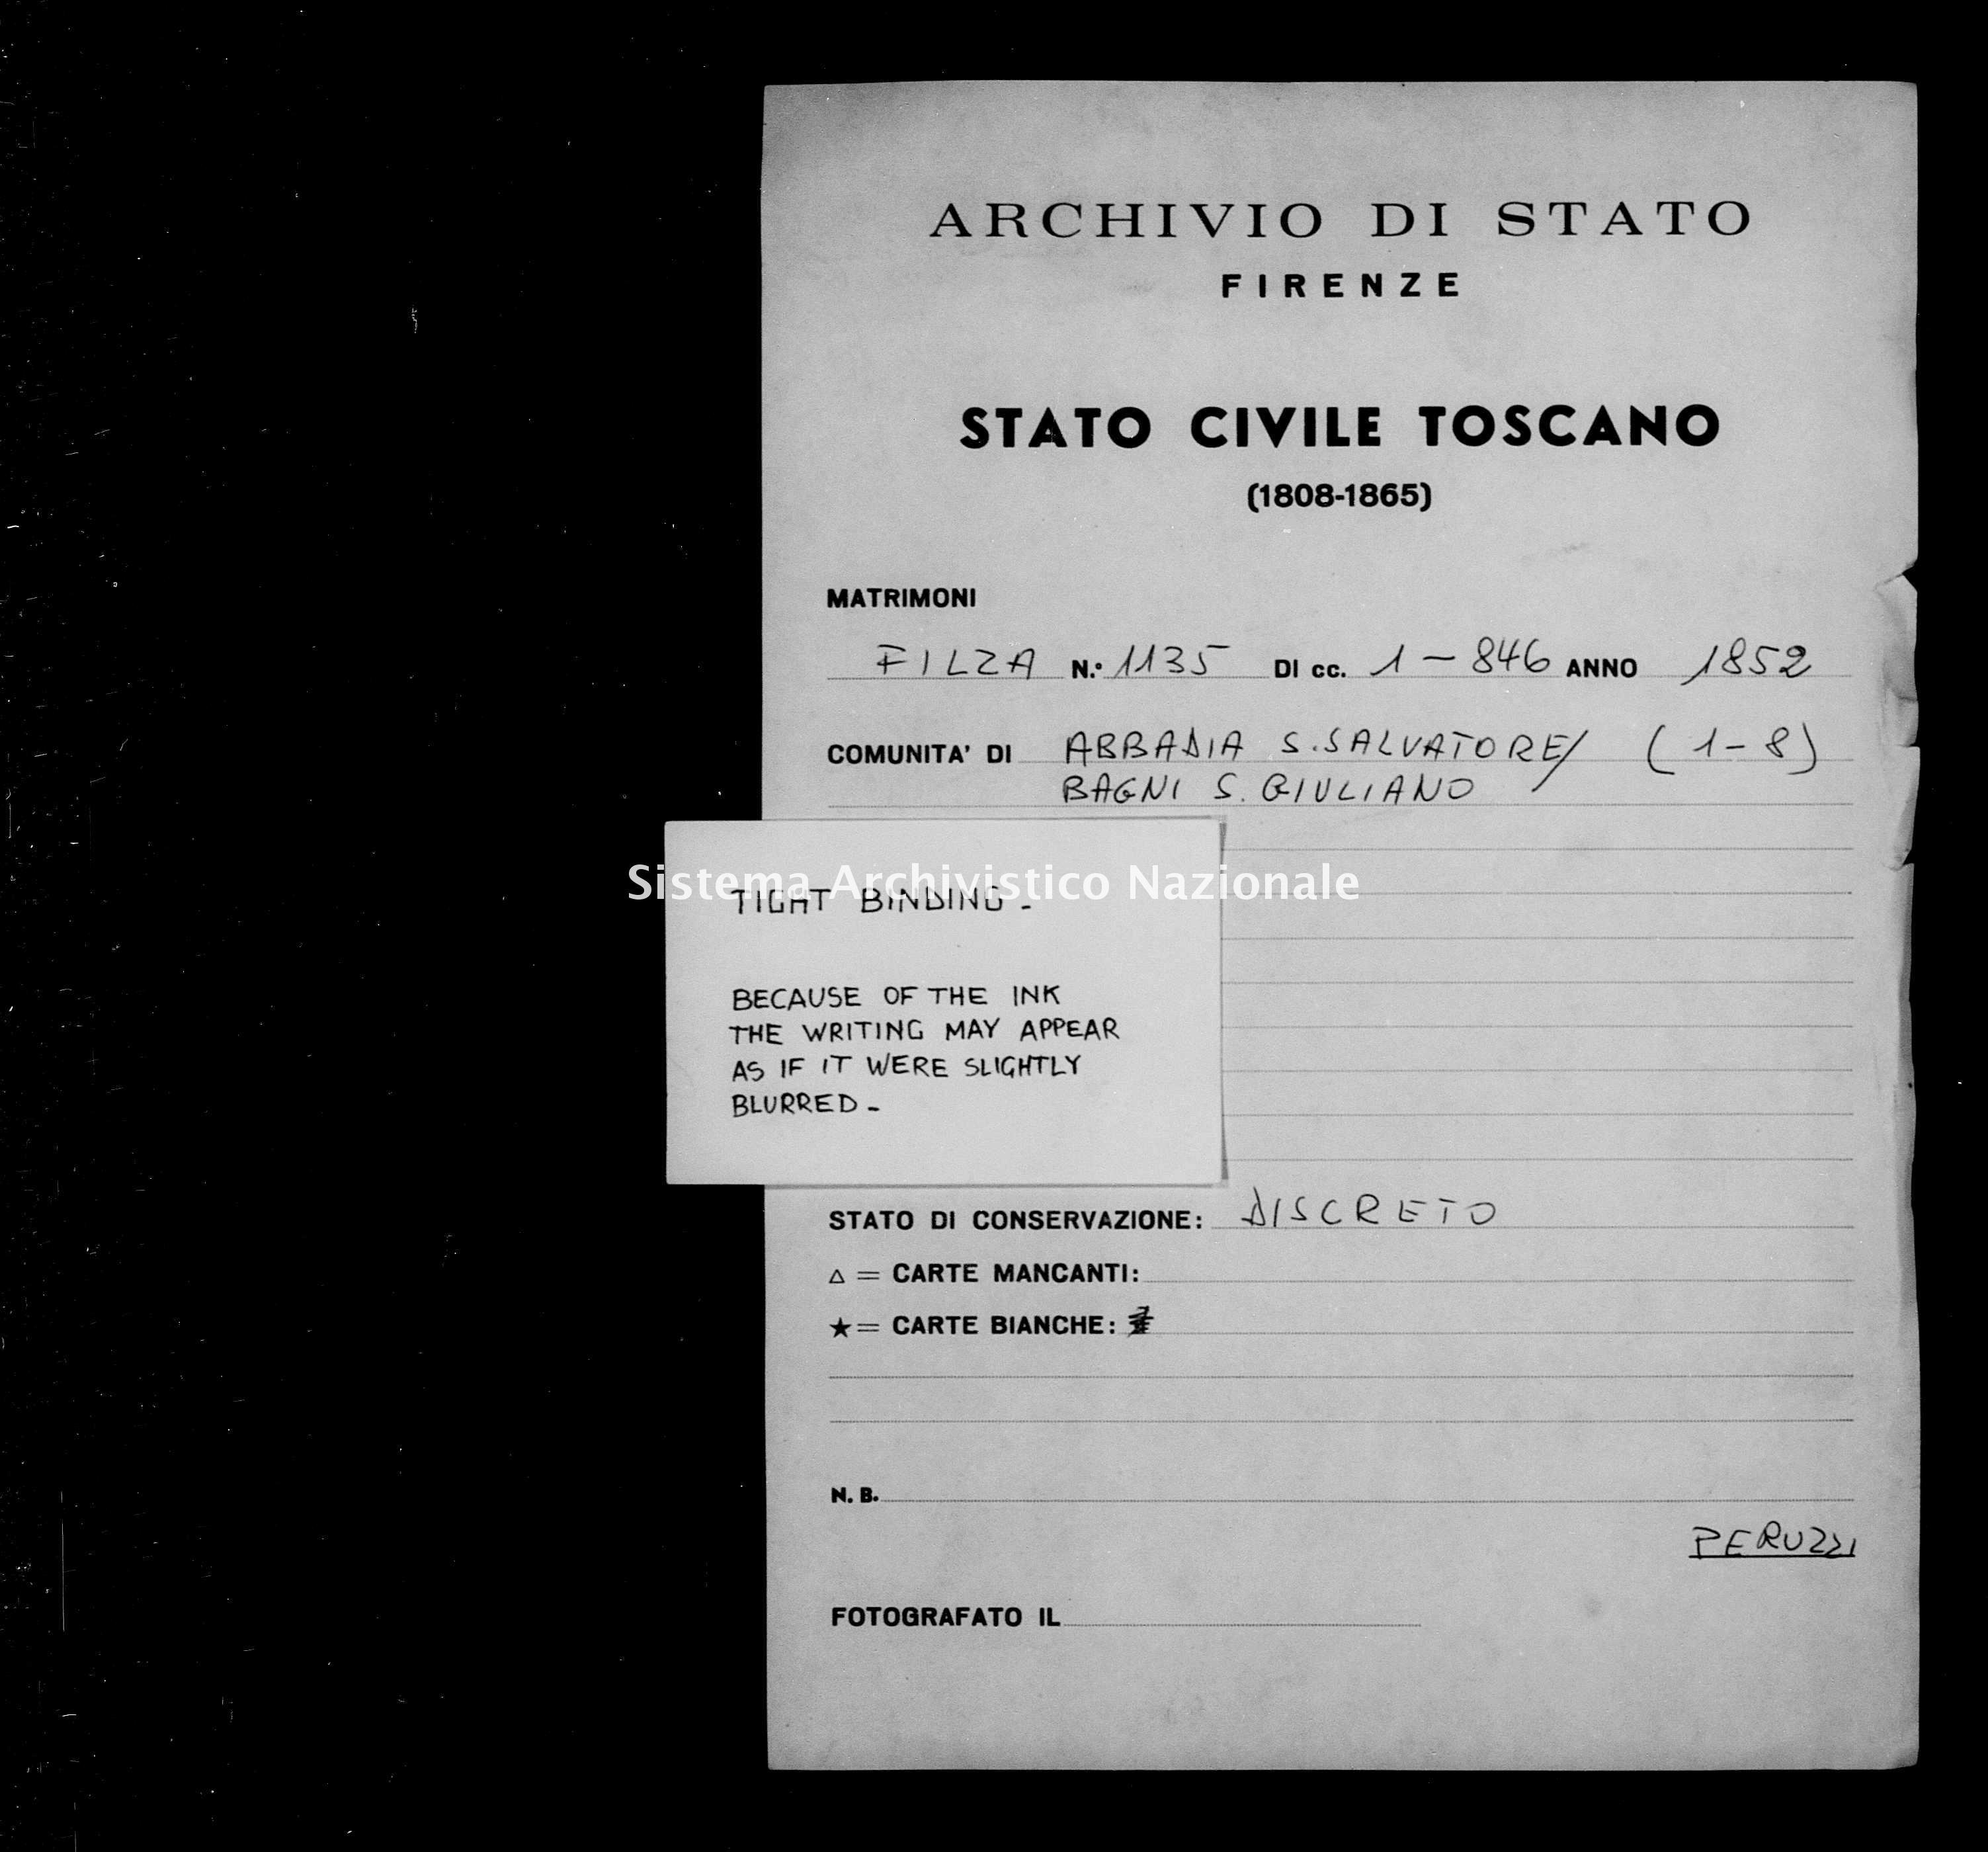 Archivio di stato di Firenze - Stato civile di Toscana (1808-1865) - Abbadia San Salvatore - Matrimoni - 1852 - 1135 -